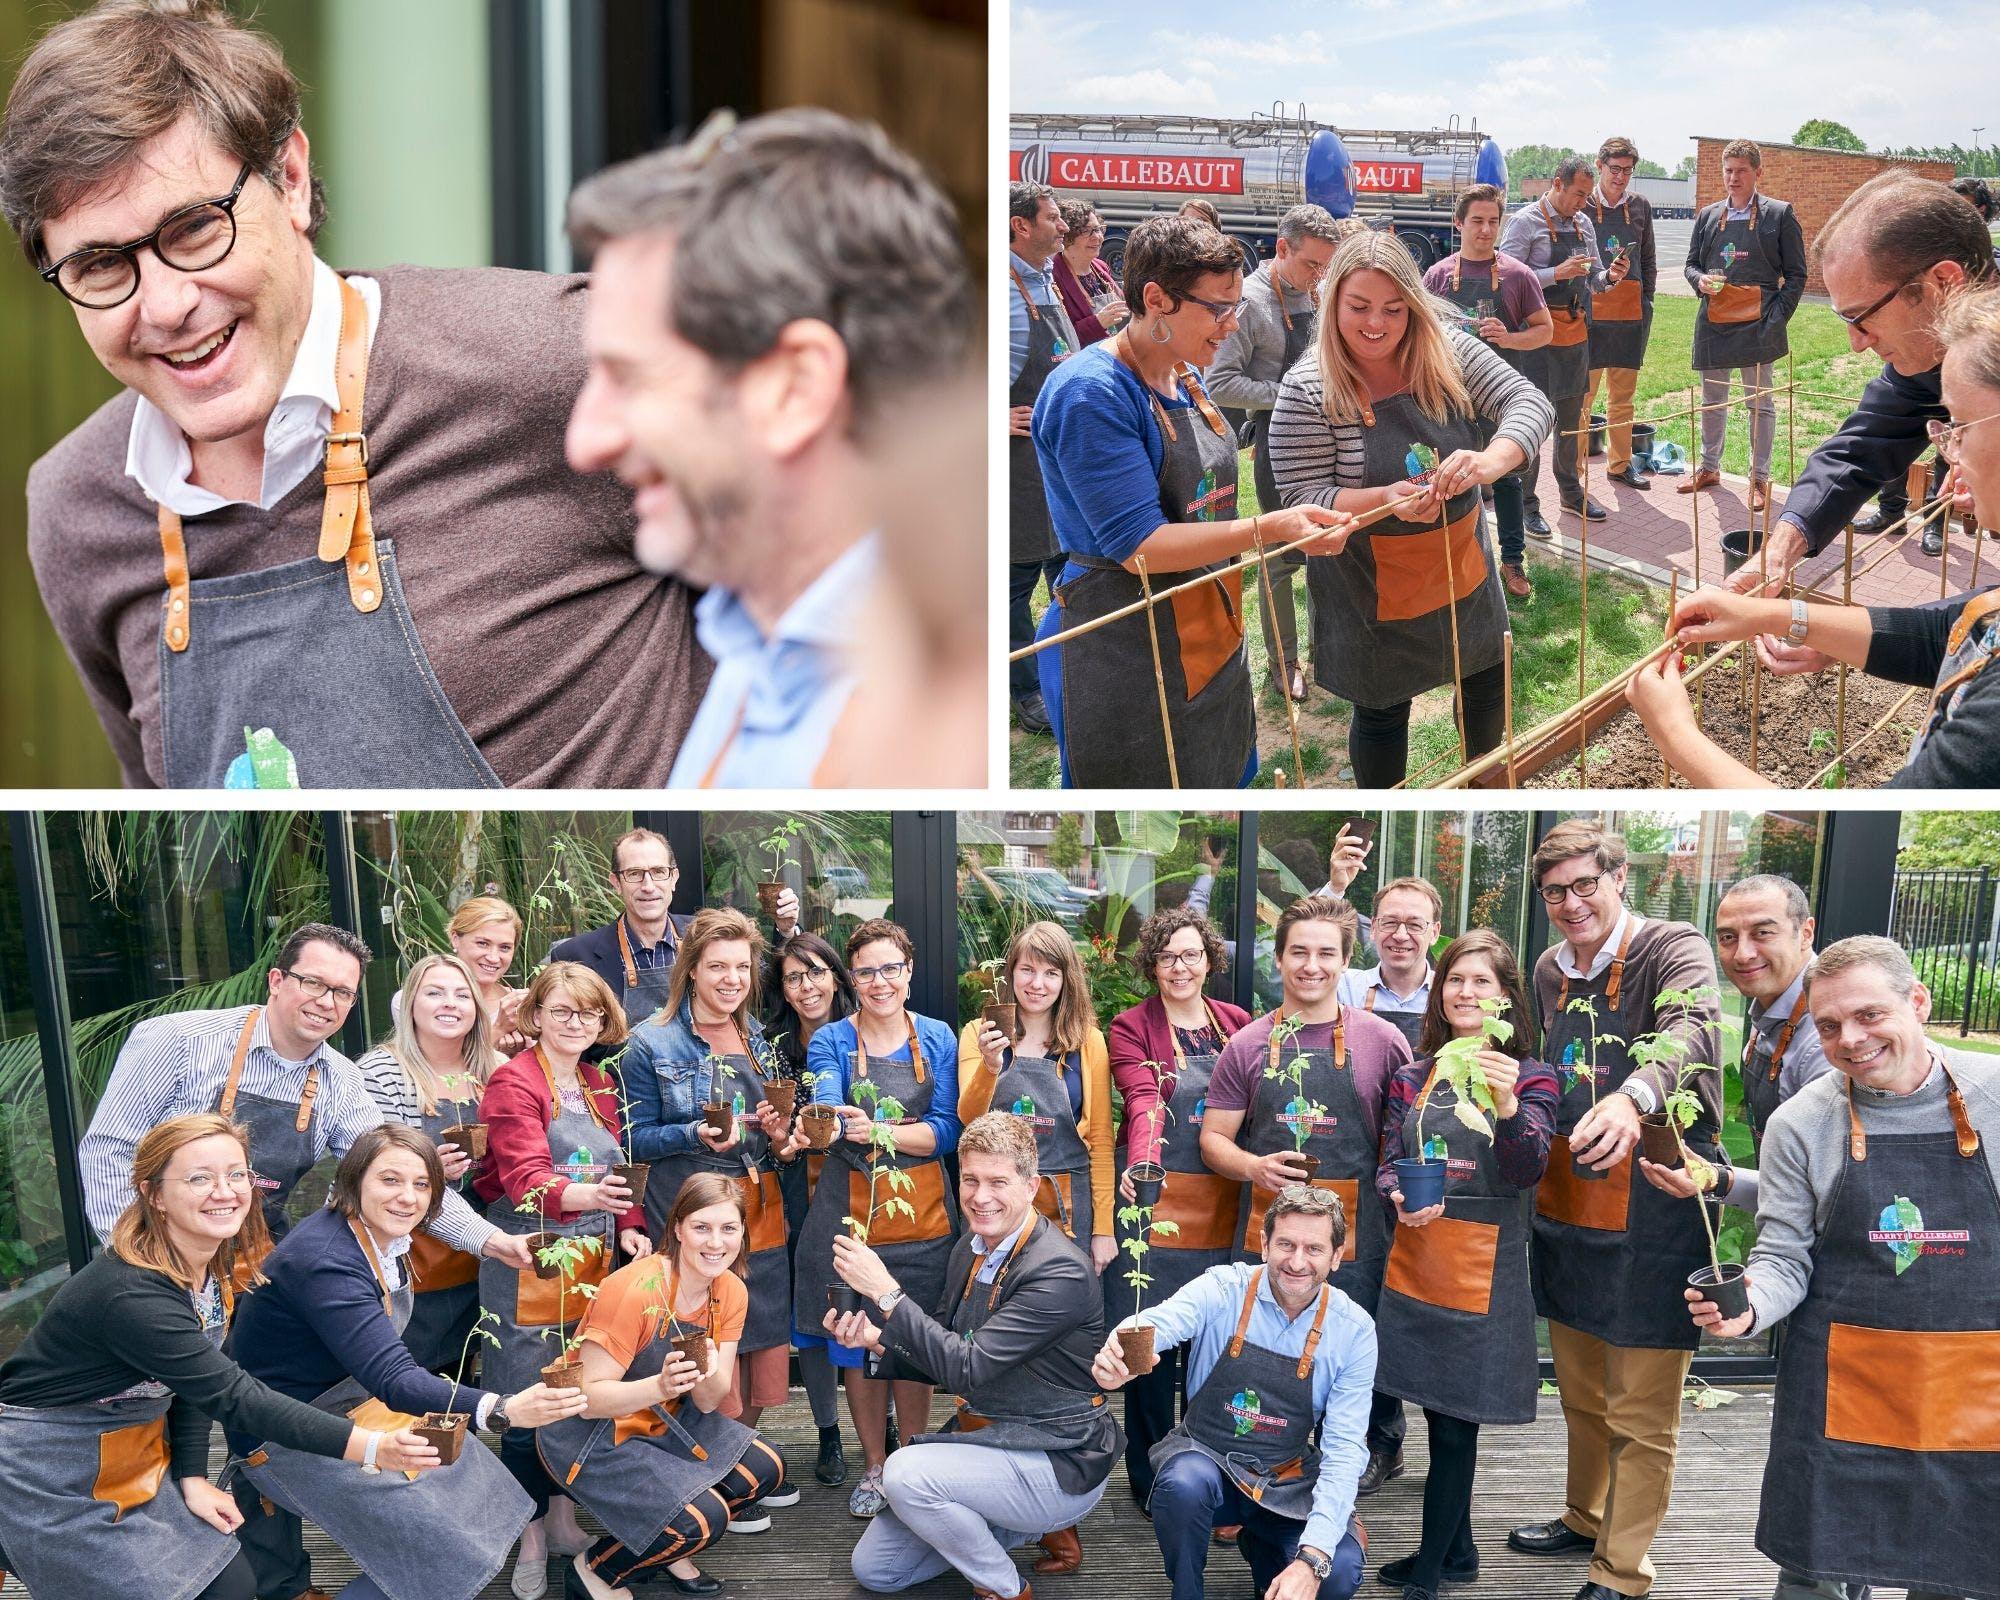 teambuilding photographie, photographie employés, photo incentive